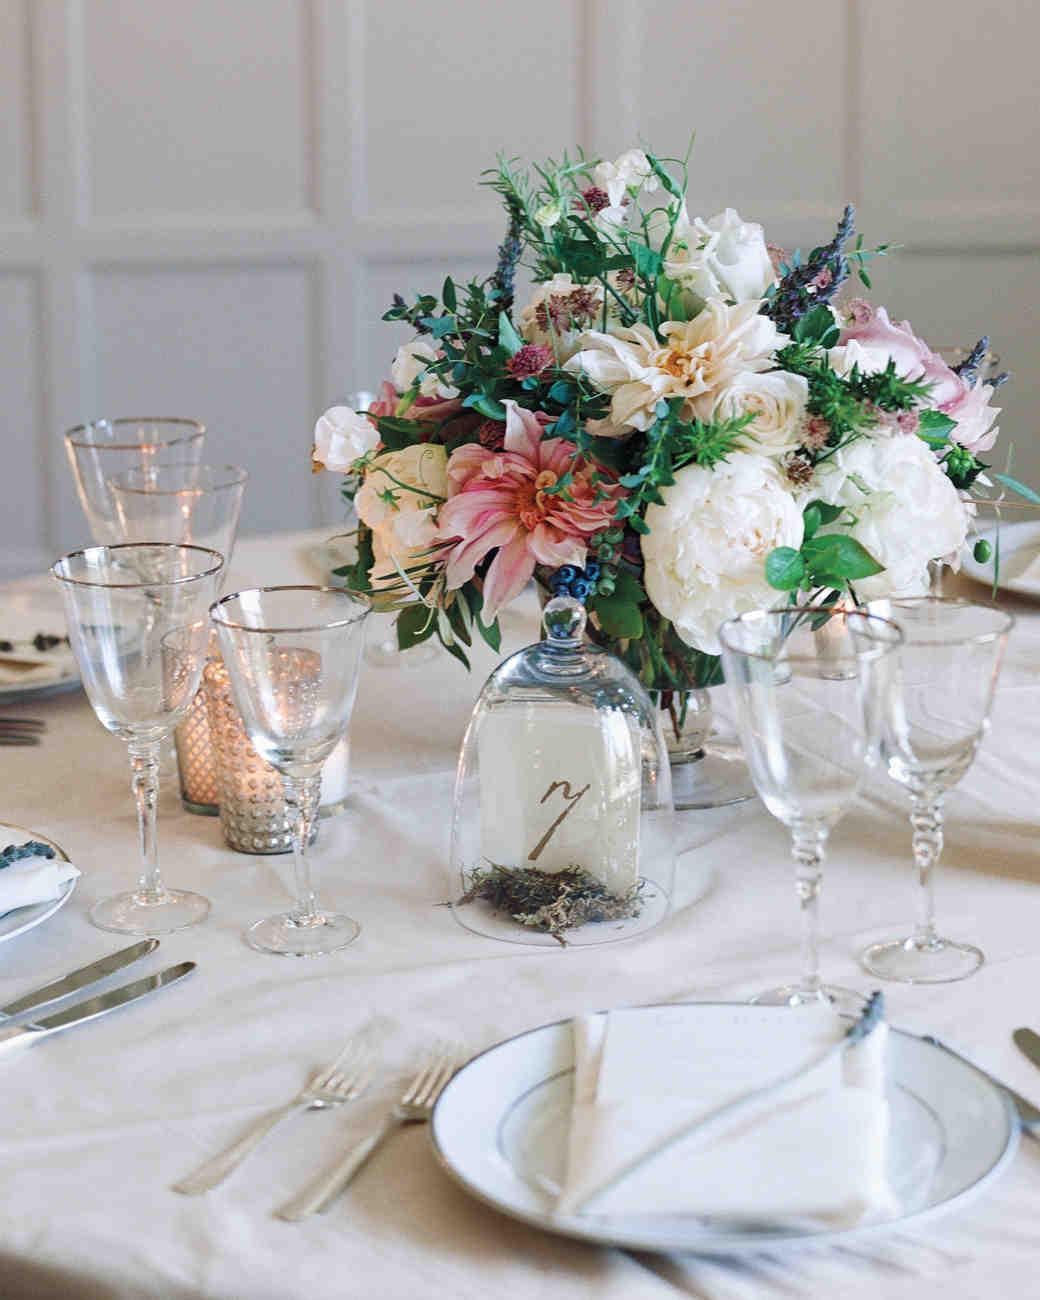 36 simple wedding centerpieces martha stewart weddings rh marthastewartweddings com Wedding Reception Table Decorations Wedding Reception Table Decorations